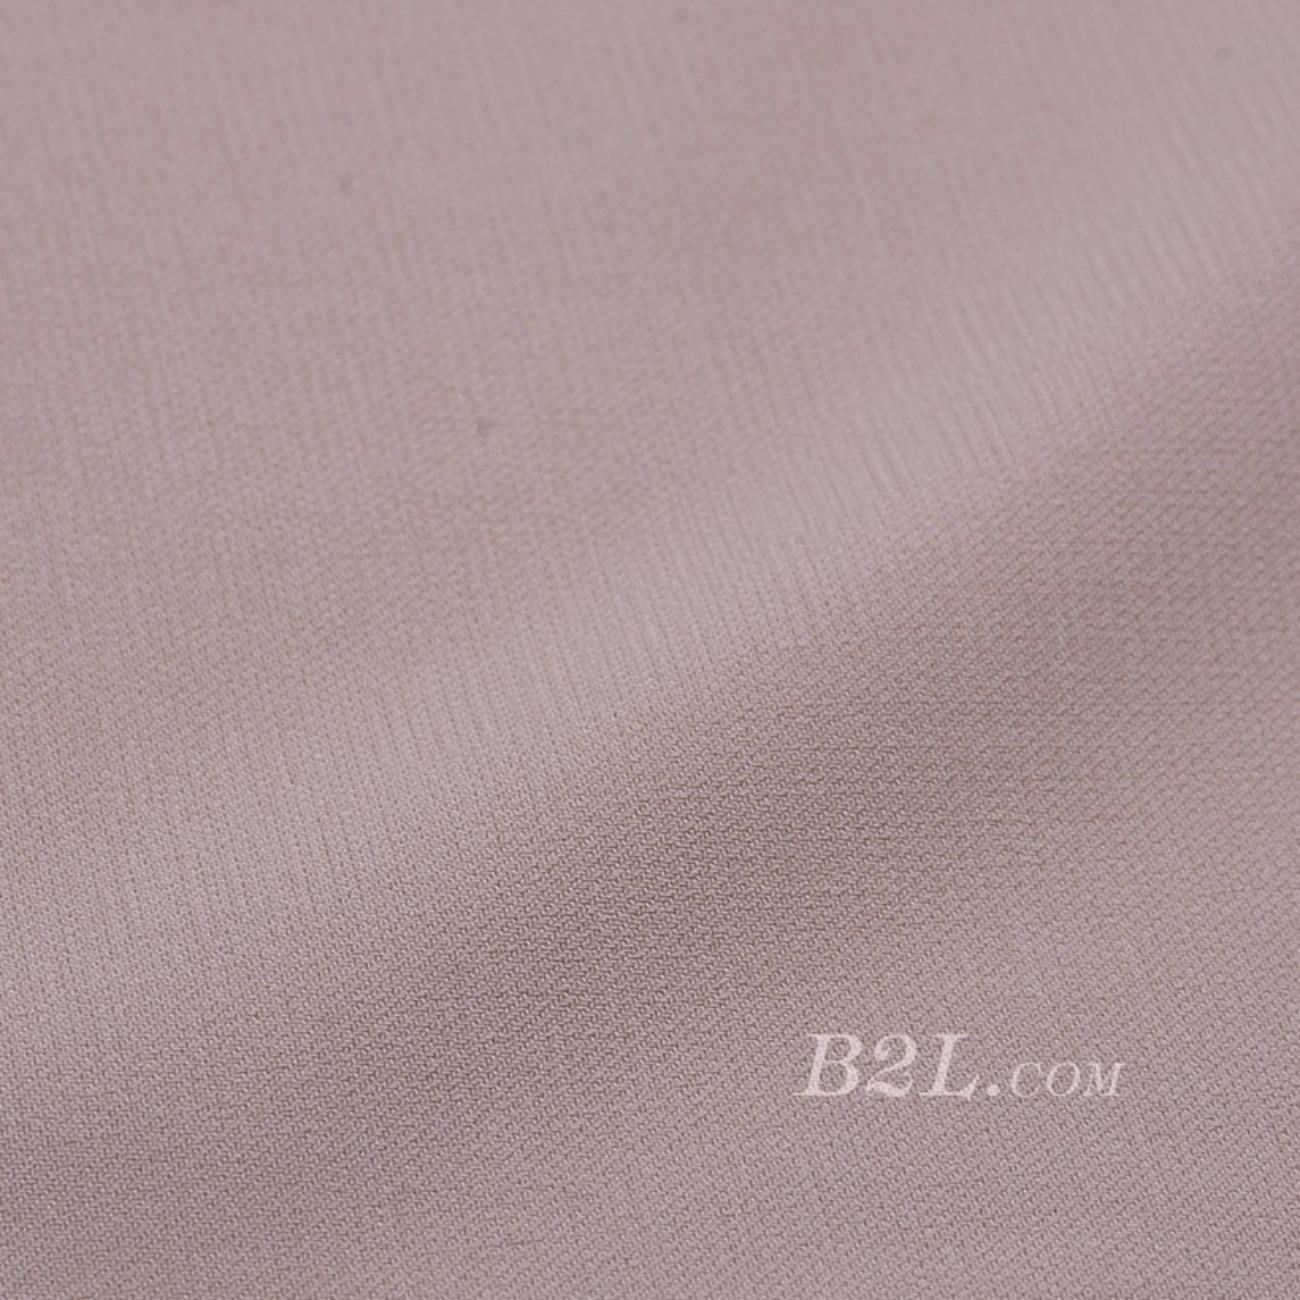 现货 素色 梭织 斜纹 弹力 染色 春秋 连衣裙 外套 女装 70903-15